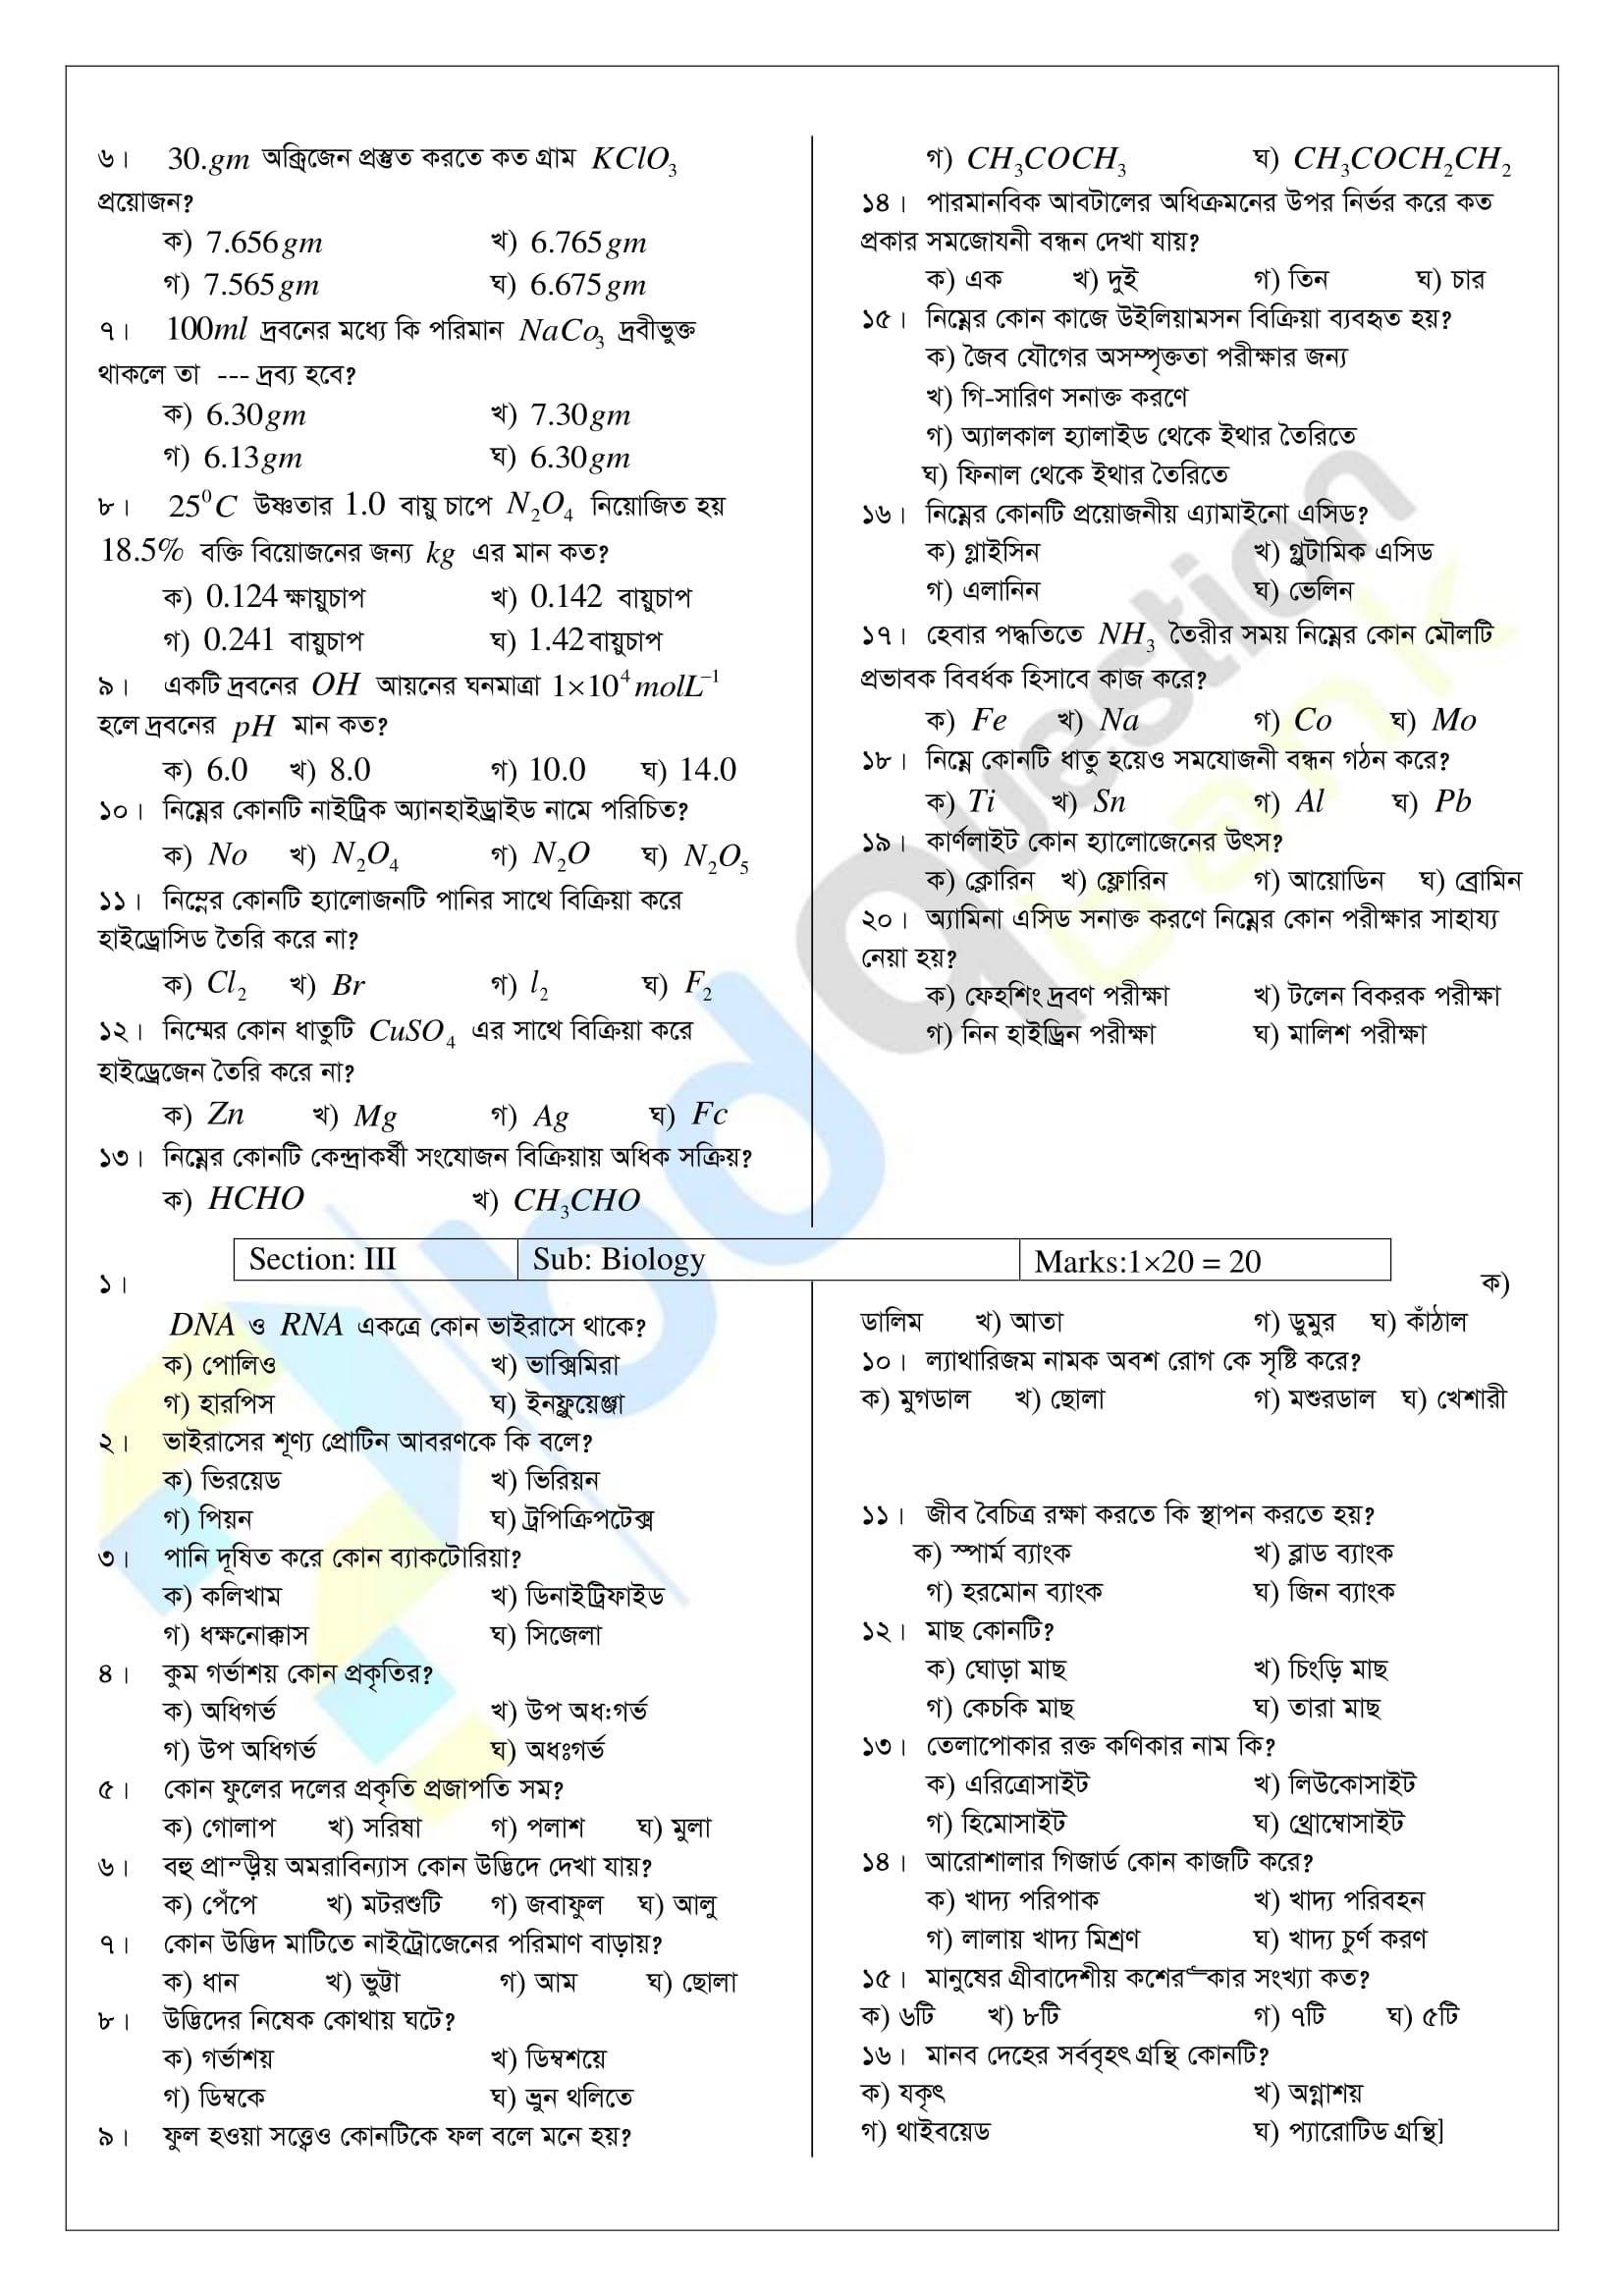 """পটুয়াখালী বিজ্ঞান ও প্রযুক্তি বিশ্ববিদ্যালয়( পবিপ্রবি) ভর্তি পরীক্ষার প্রশ্ন ও উত্তর """"এ"""" ইউনিট সেশন -২০১১-২০১২"""